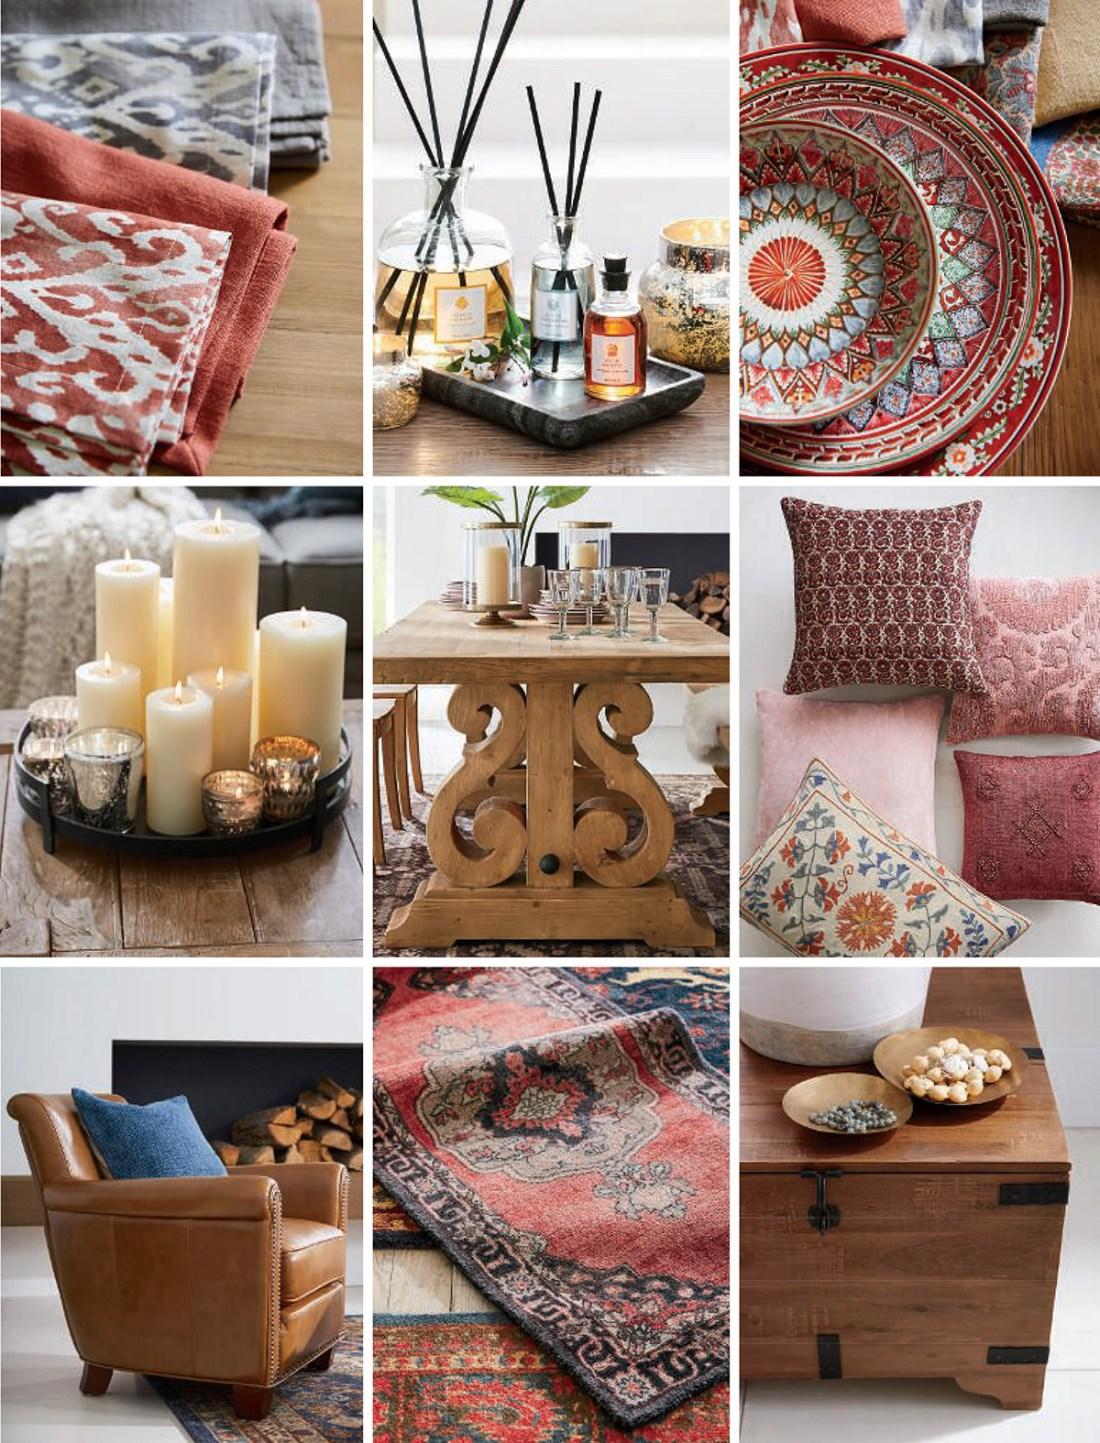 Pottery Barn Pre-Fall Catalog